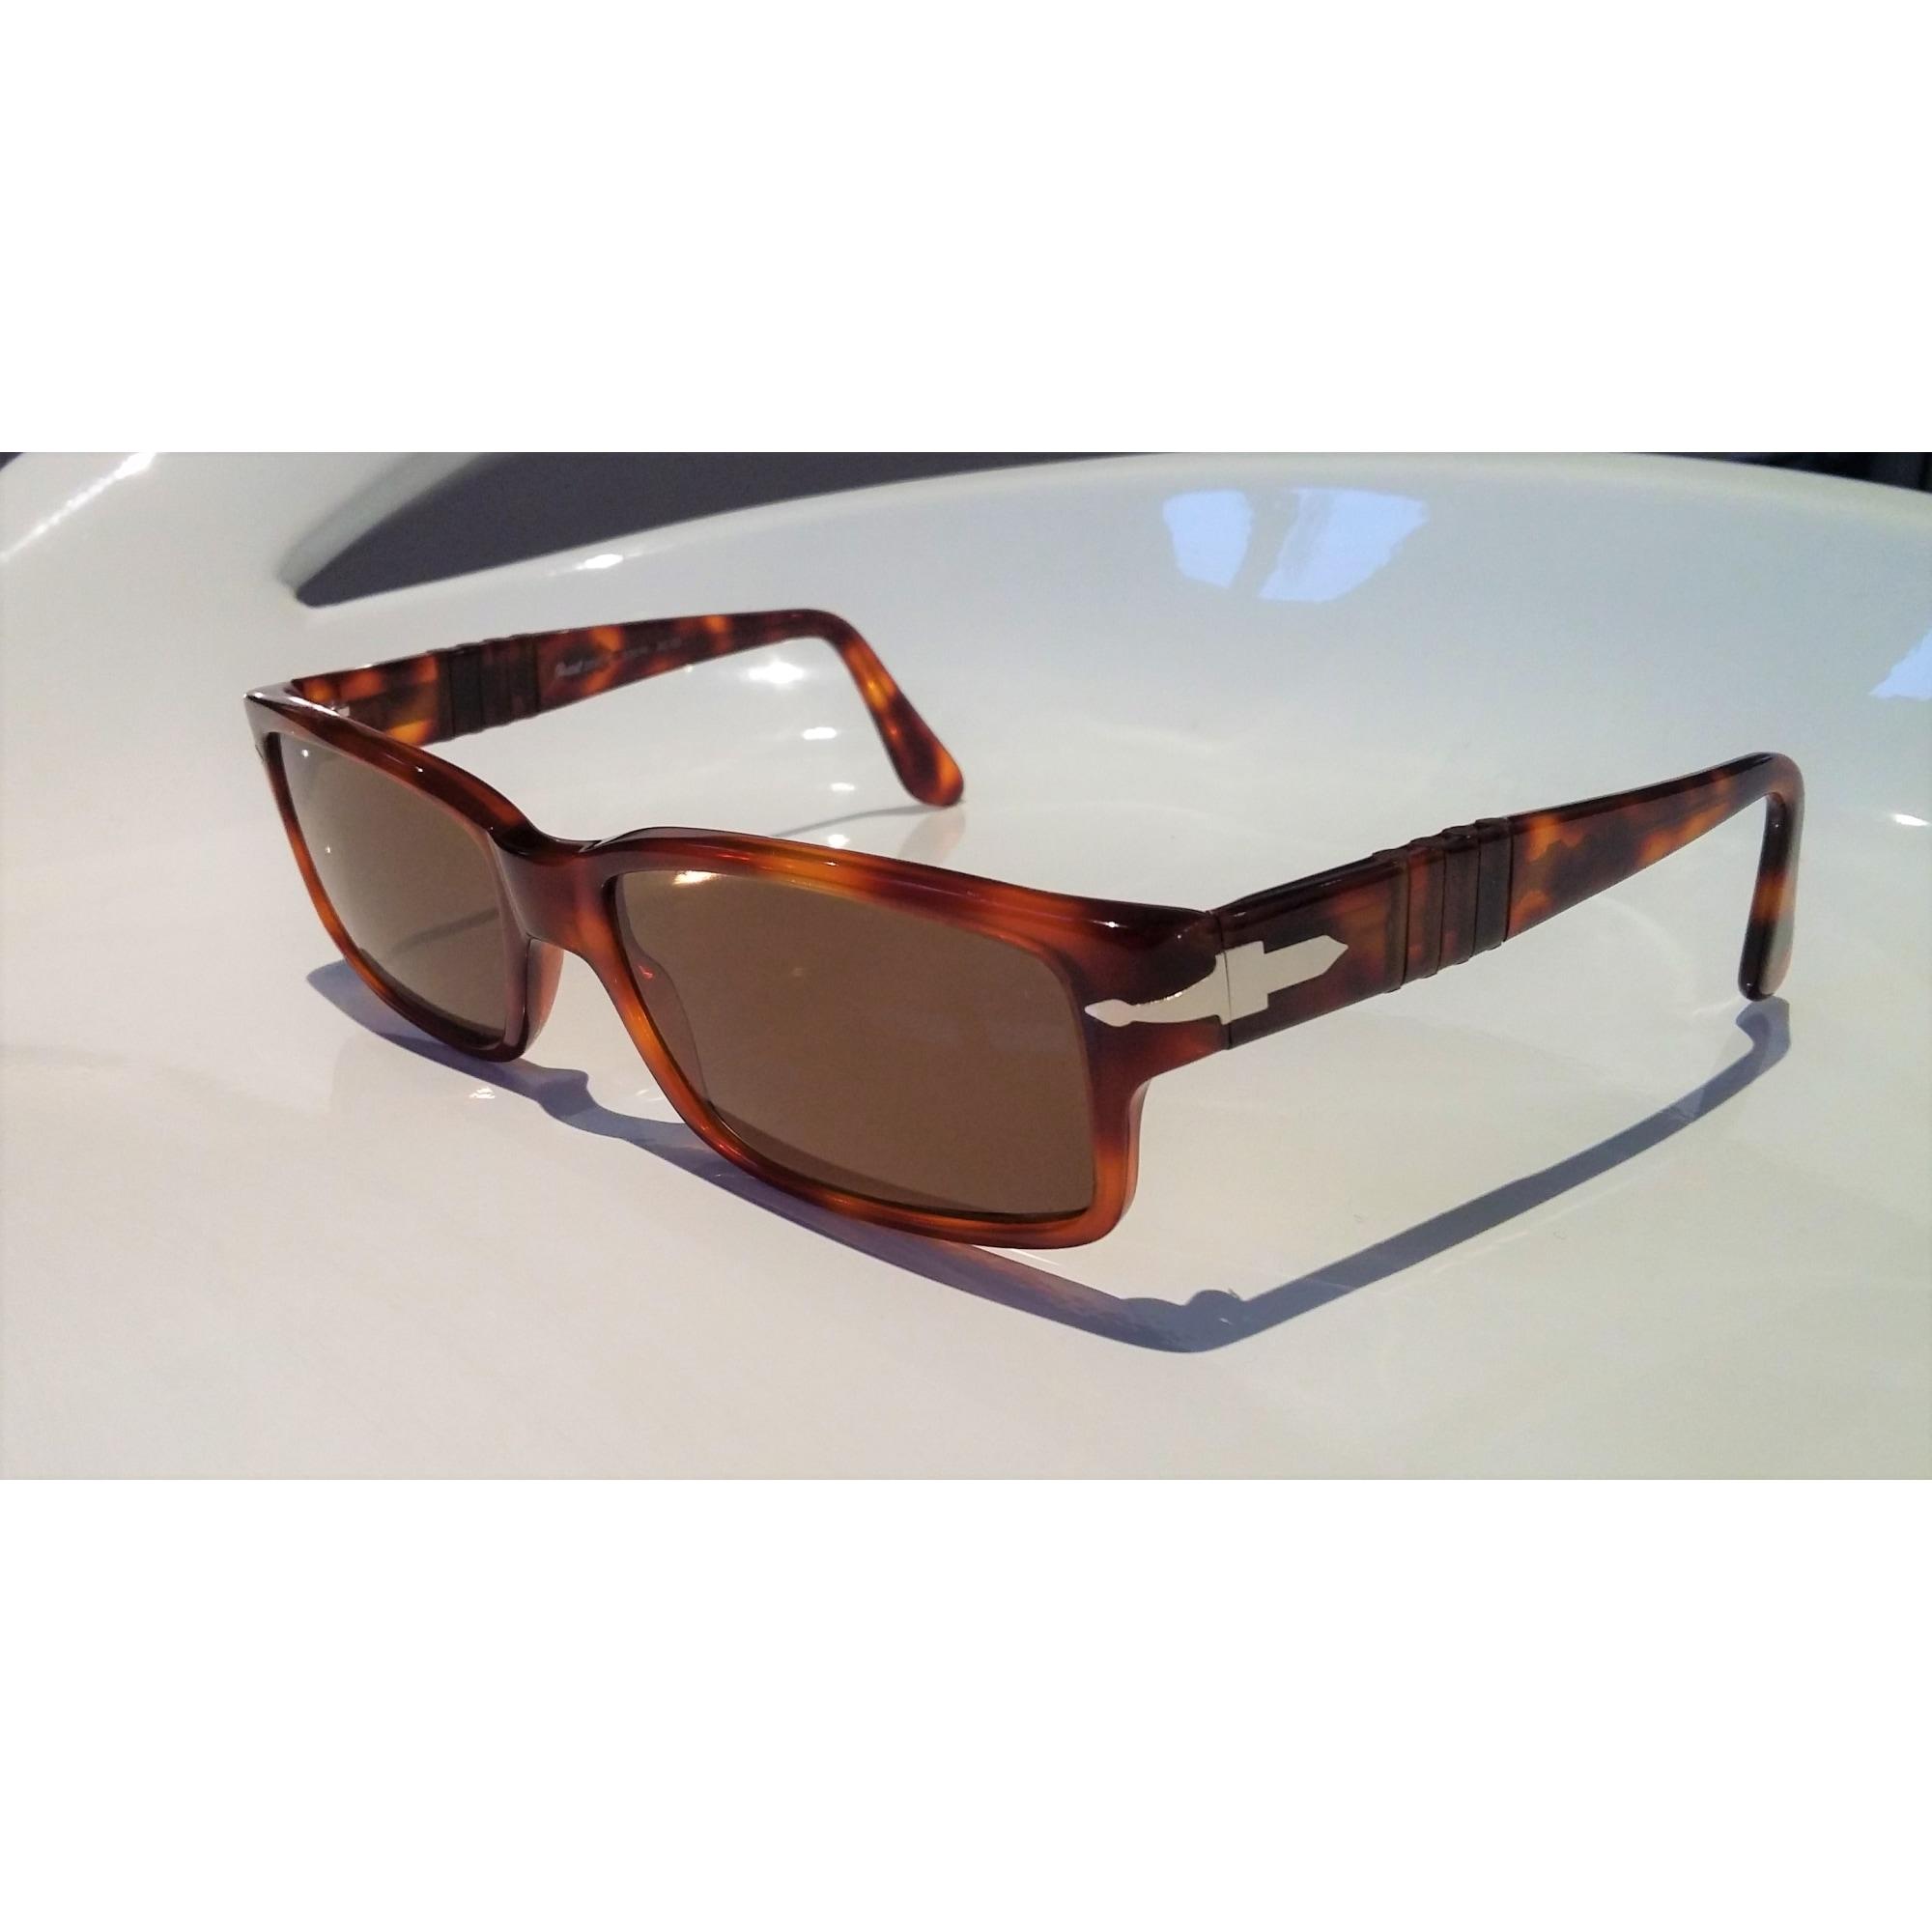 fa617bab34dc56 Monture de lunettes PERSOL imprimés animaliers - 7169438